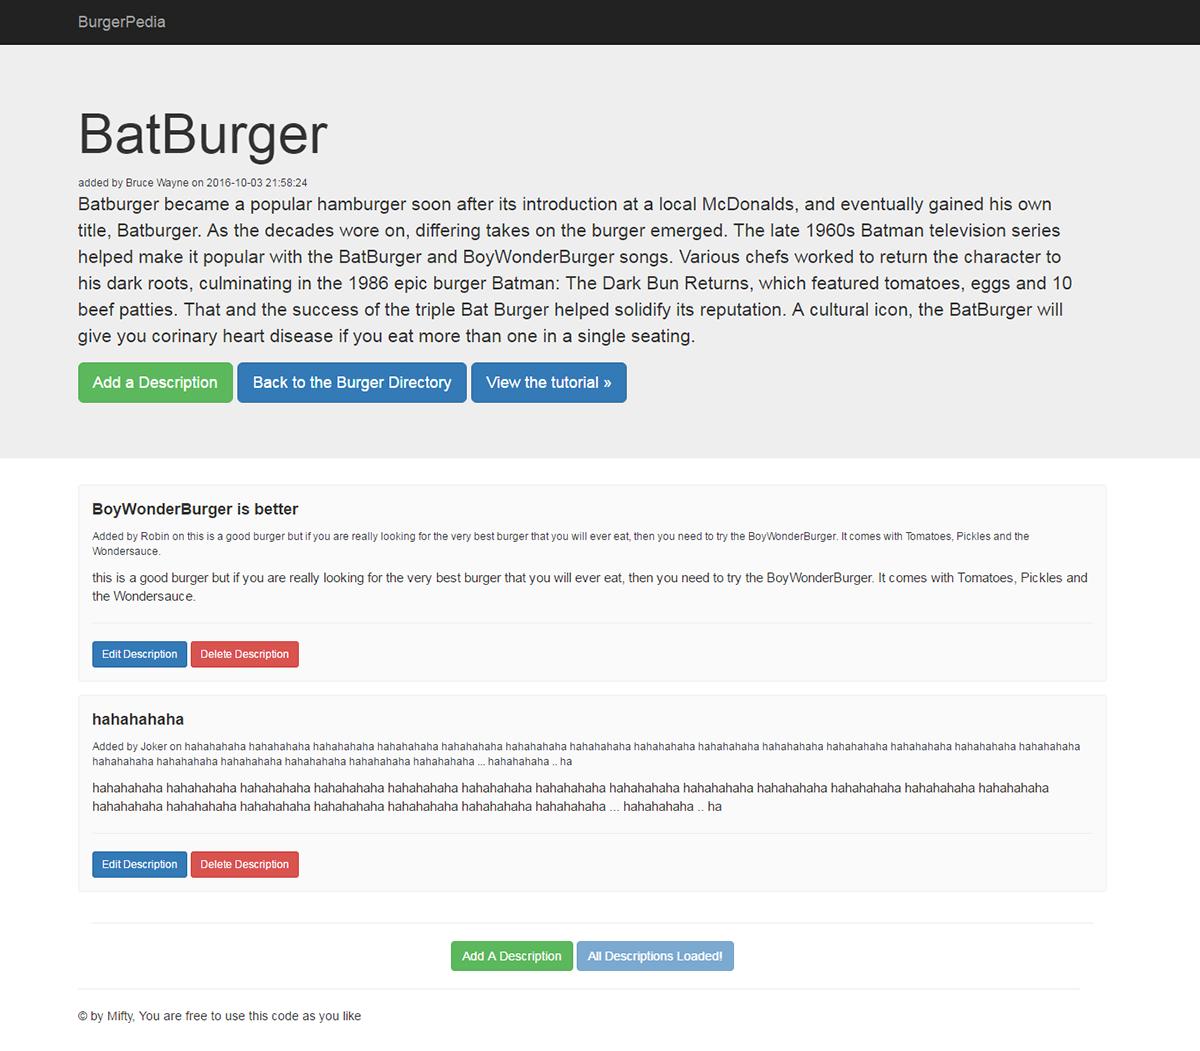 burgerpedia-details-page